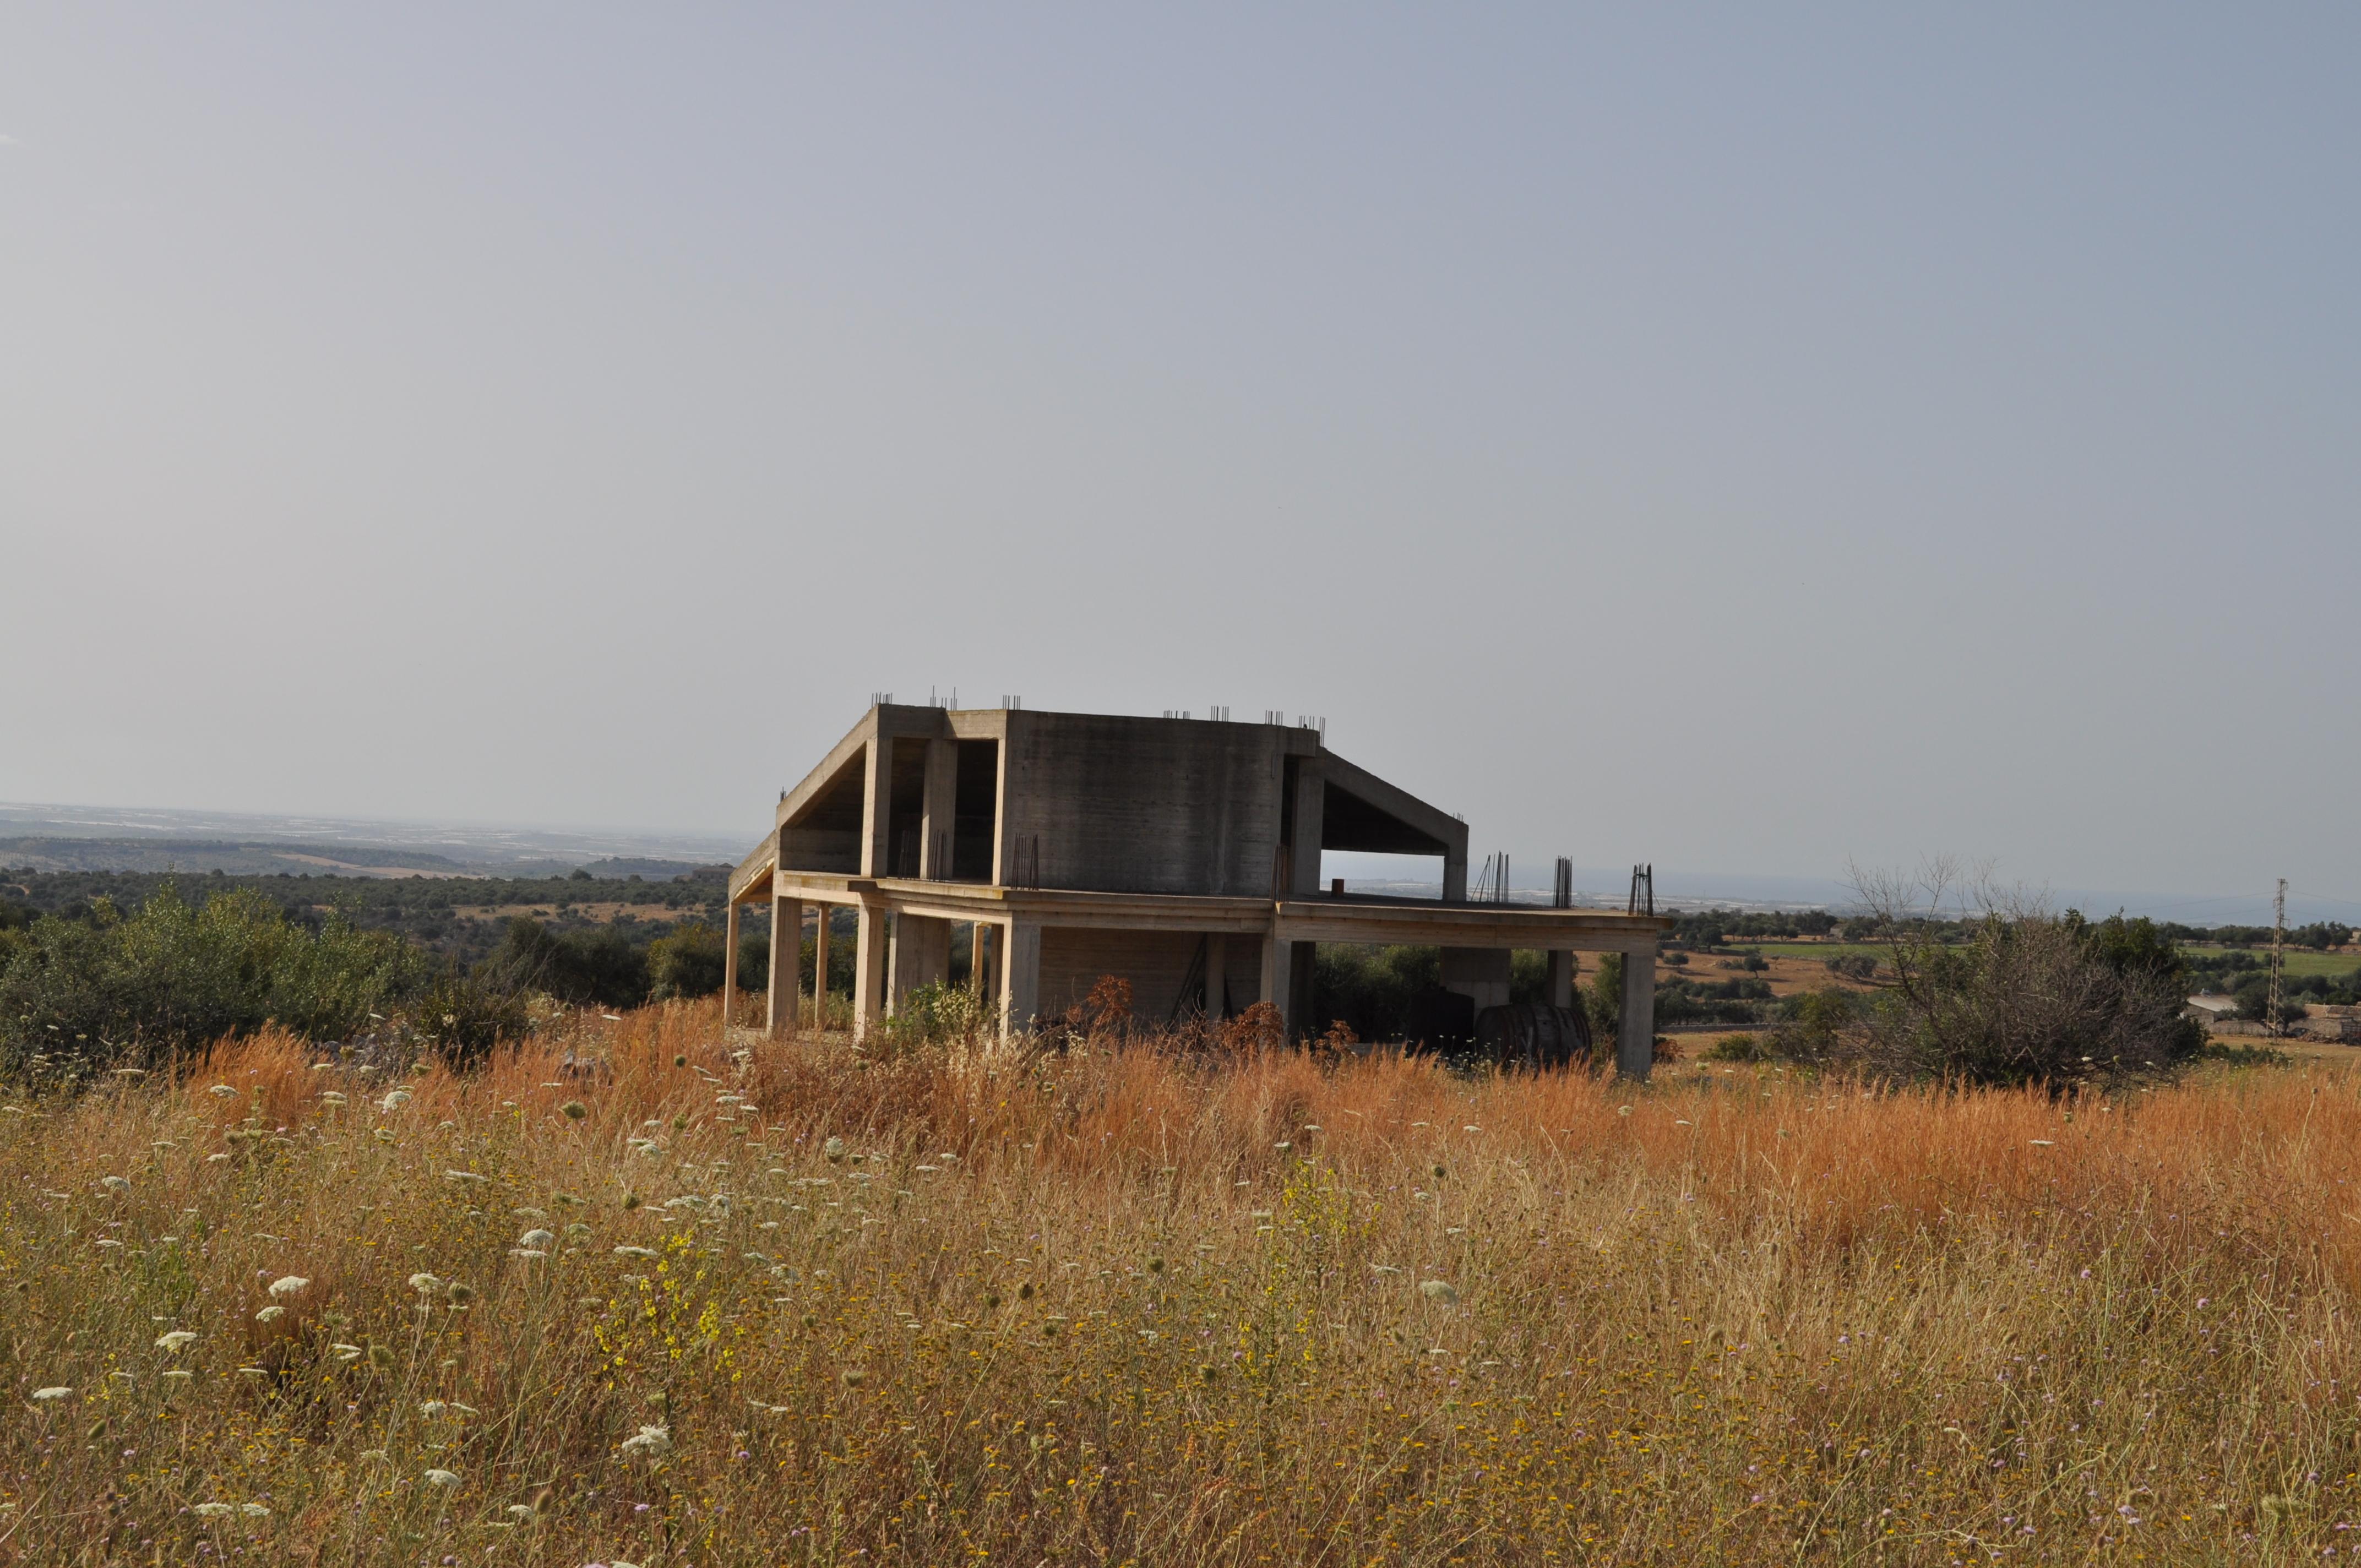 Villa struttura con terreno di pertinenza